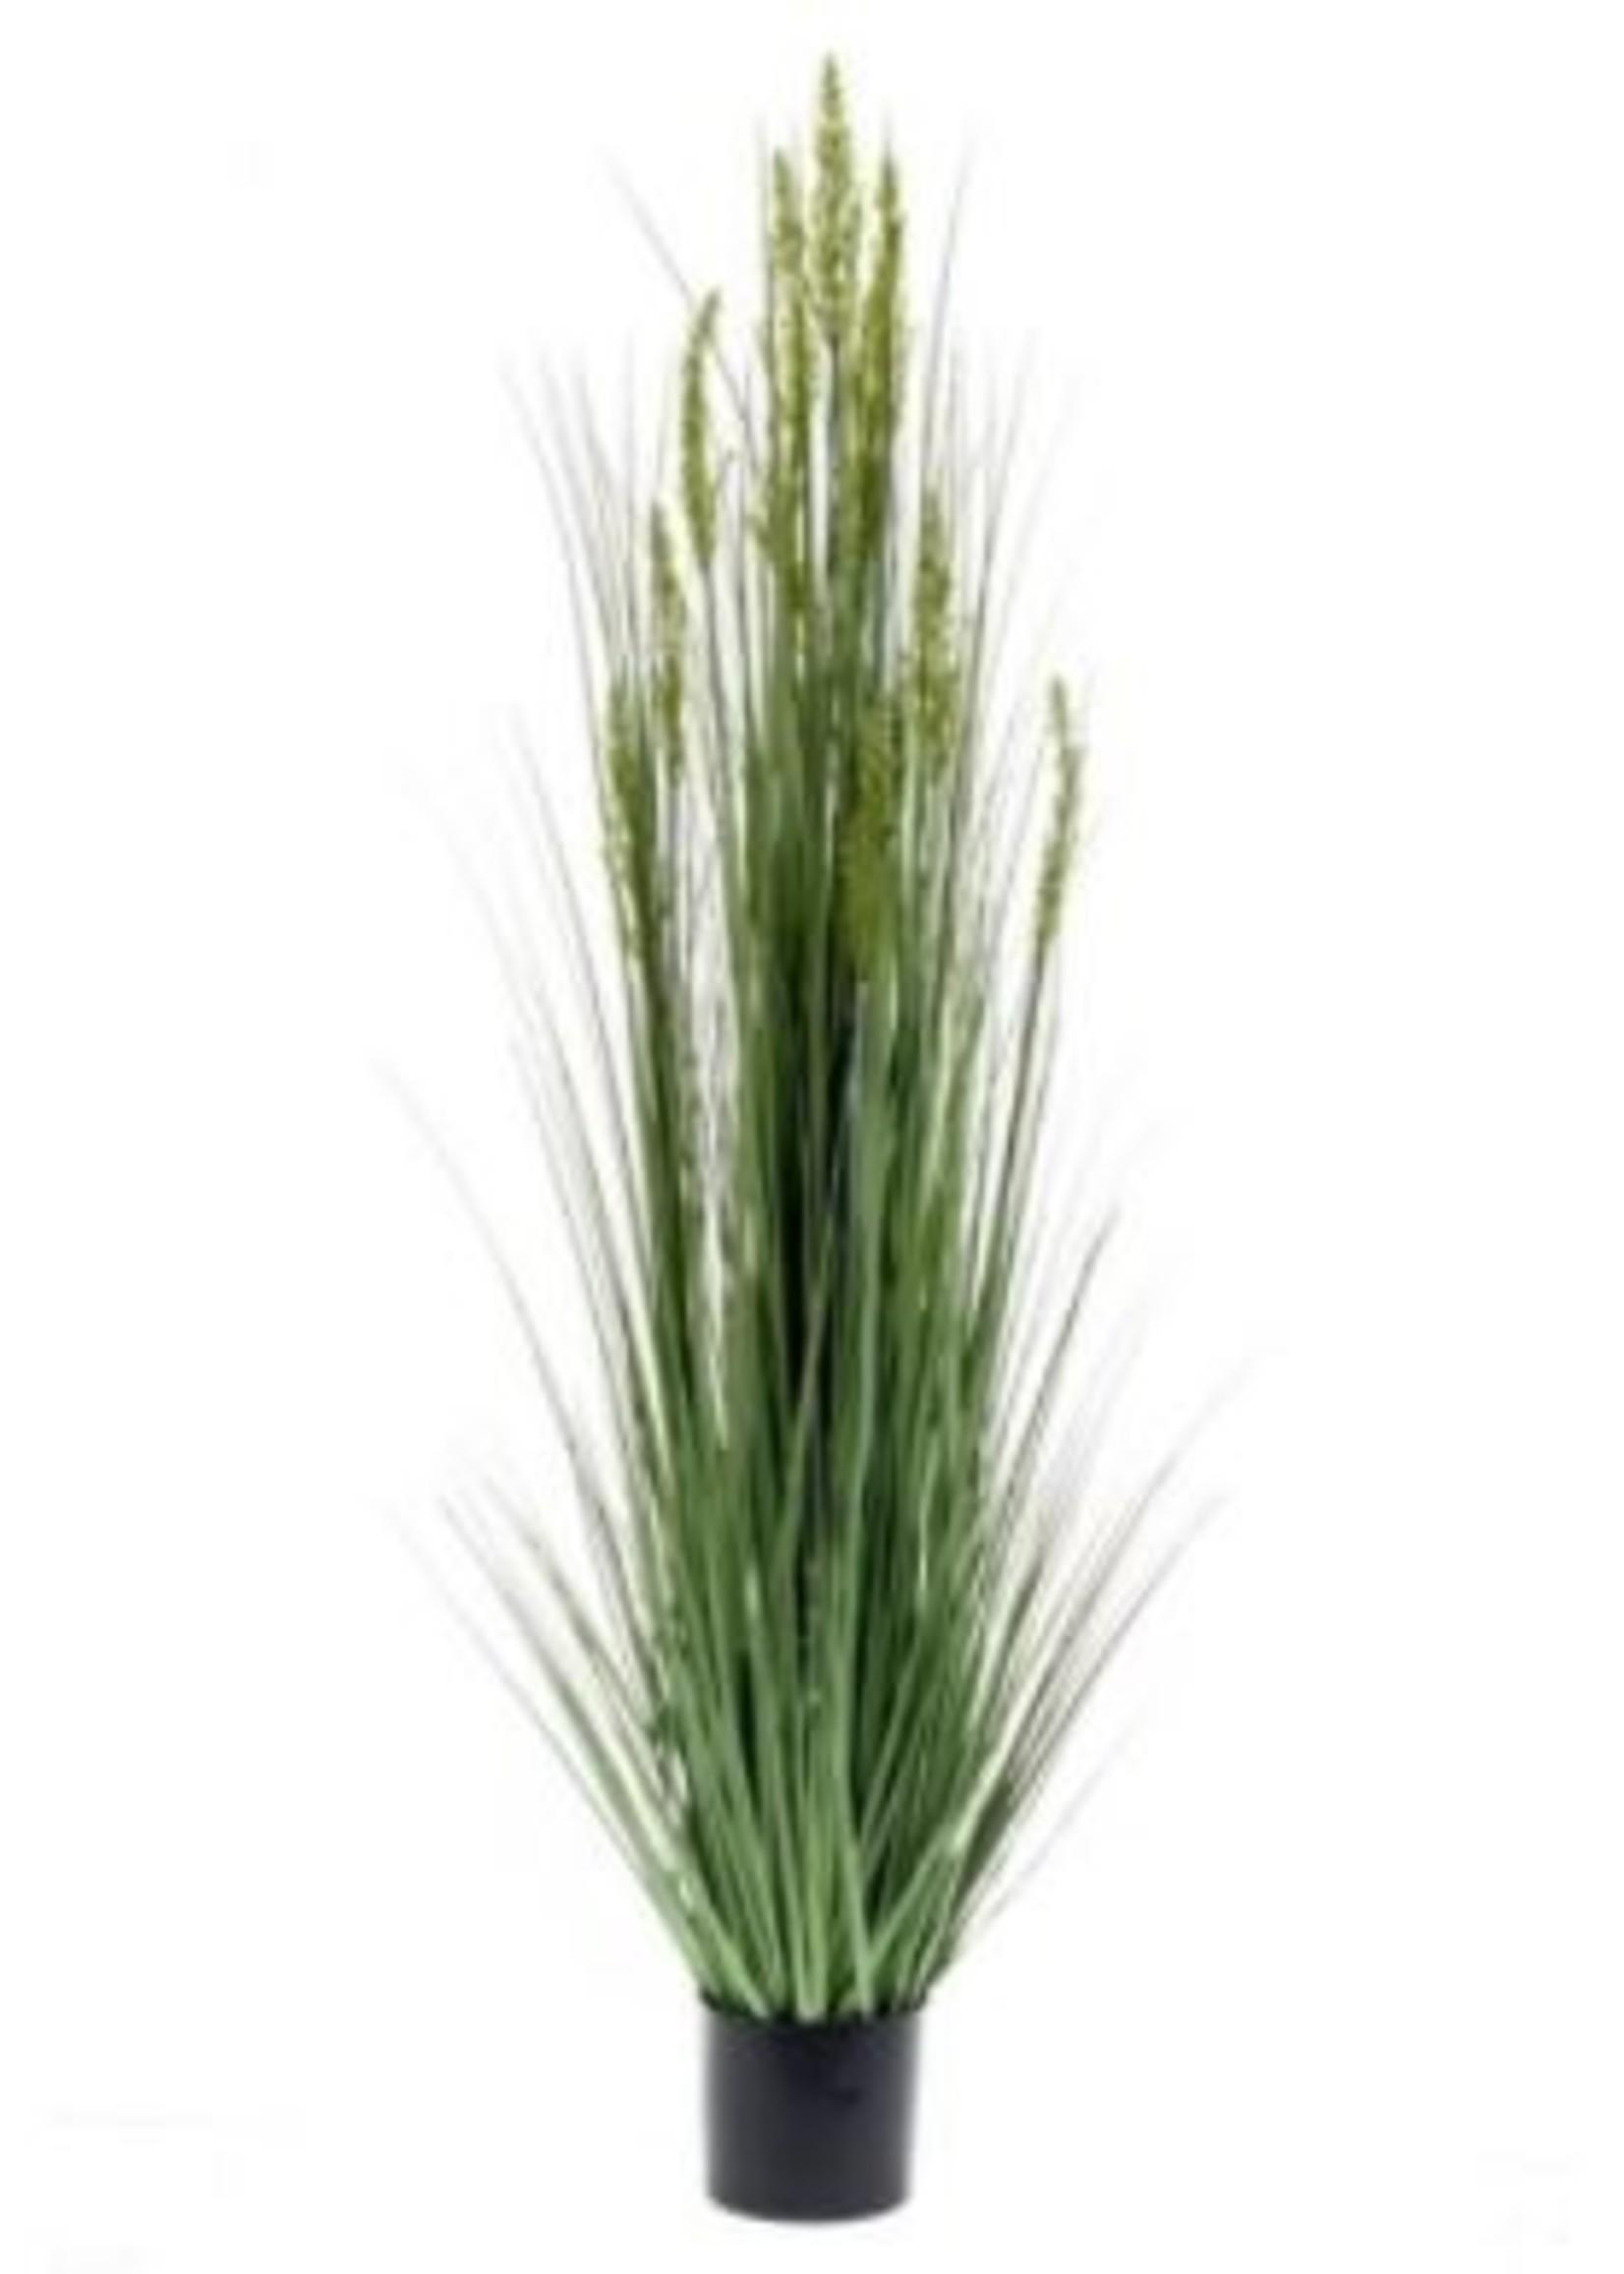 Emerald Eternal Green Grain grass 150cm